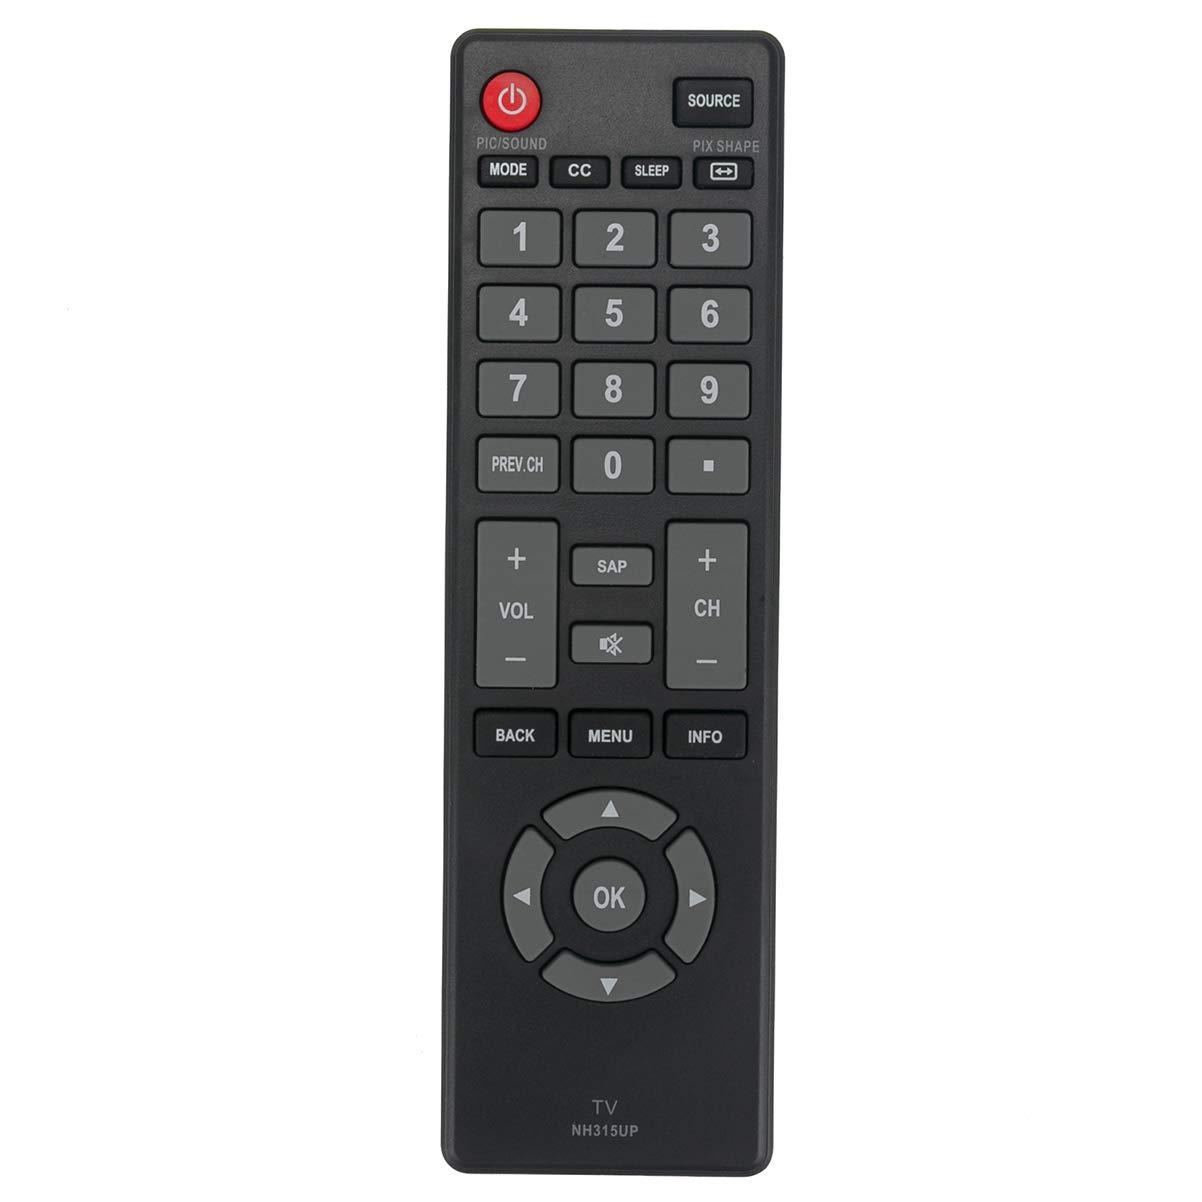 NH315UP リモートコントロール交換用 サンヨー LCD LED TV FW50D36F FW40D36F FW43D25F FW55D25F FW55D25F-B   B07MV14QCW